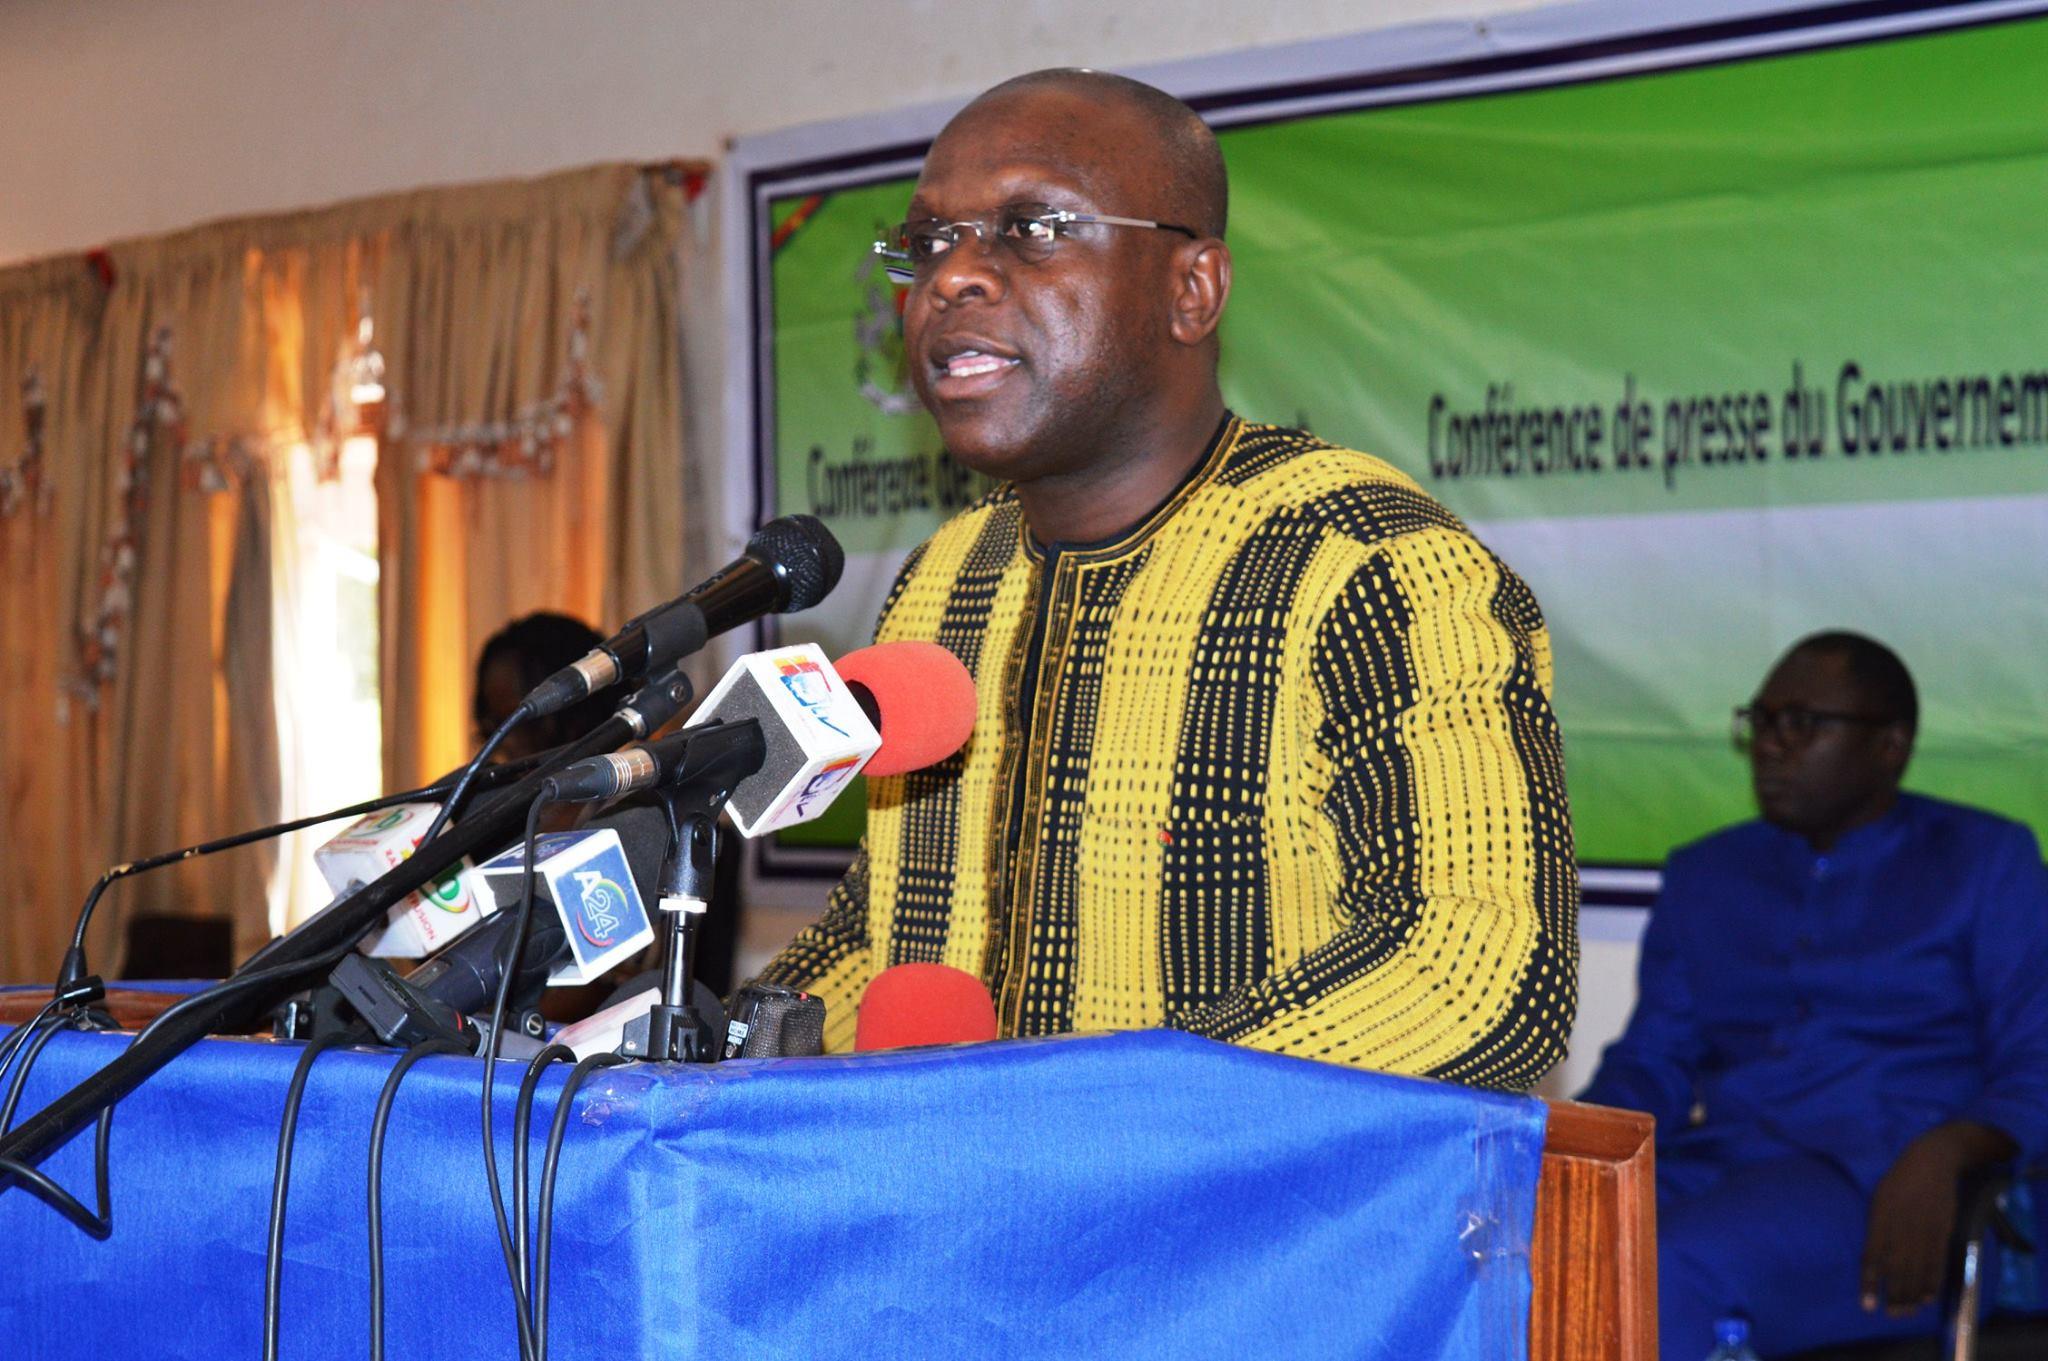 Recrudescence des mouvements de grèves et des sit-in : «Des discussions sont en cours en vue de trouver des solutions», selon le porte-parole du gouvernement, Rémi Fulgance DANDJINOU